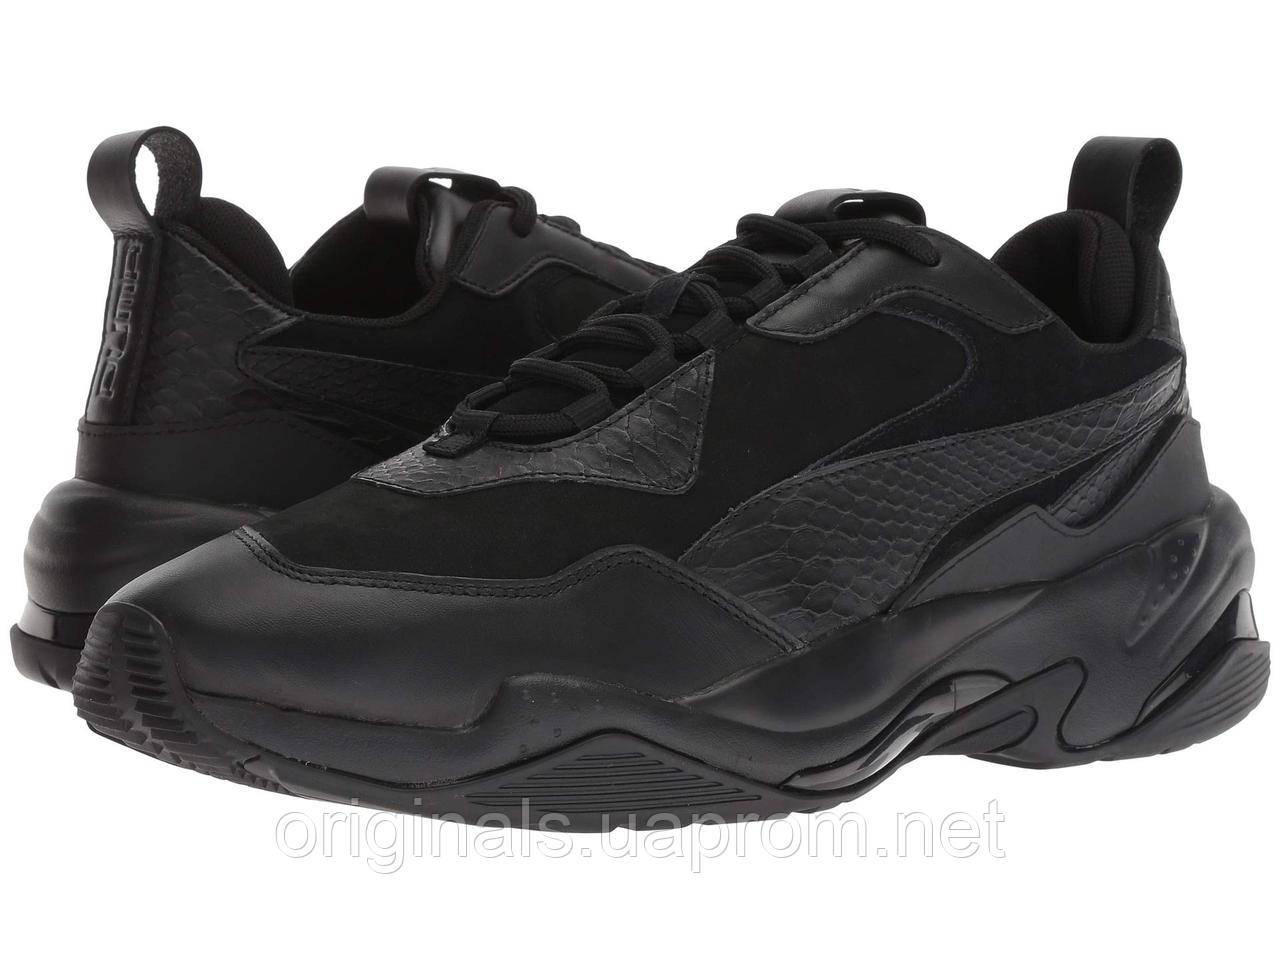 Мужские кроссовки Puma Thunder Desert в черном цвете